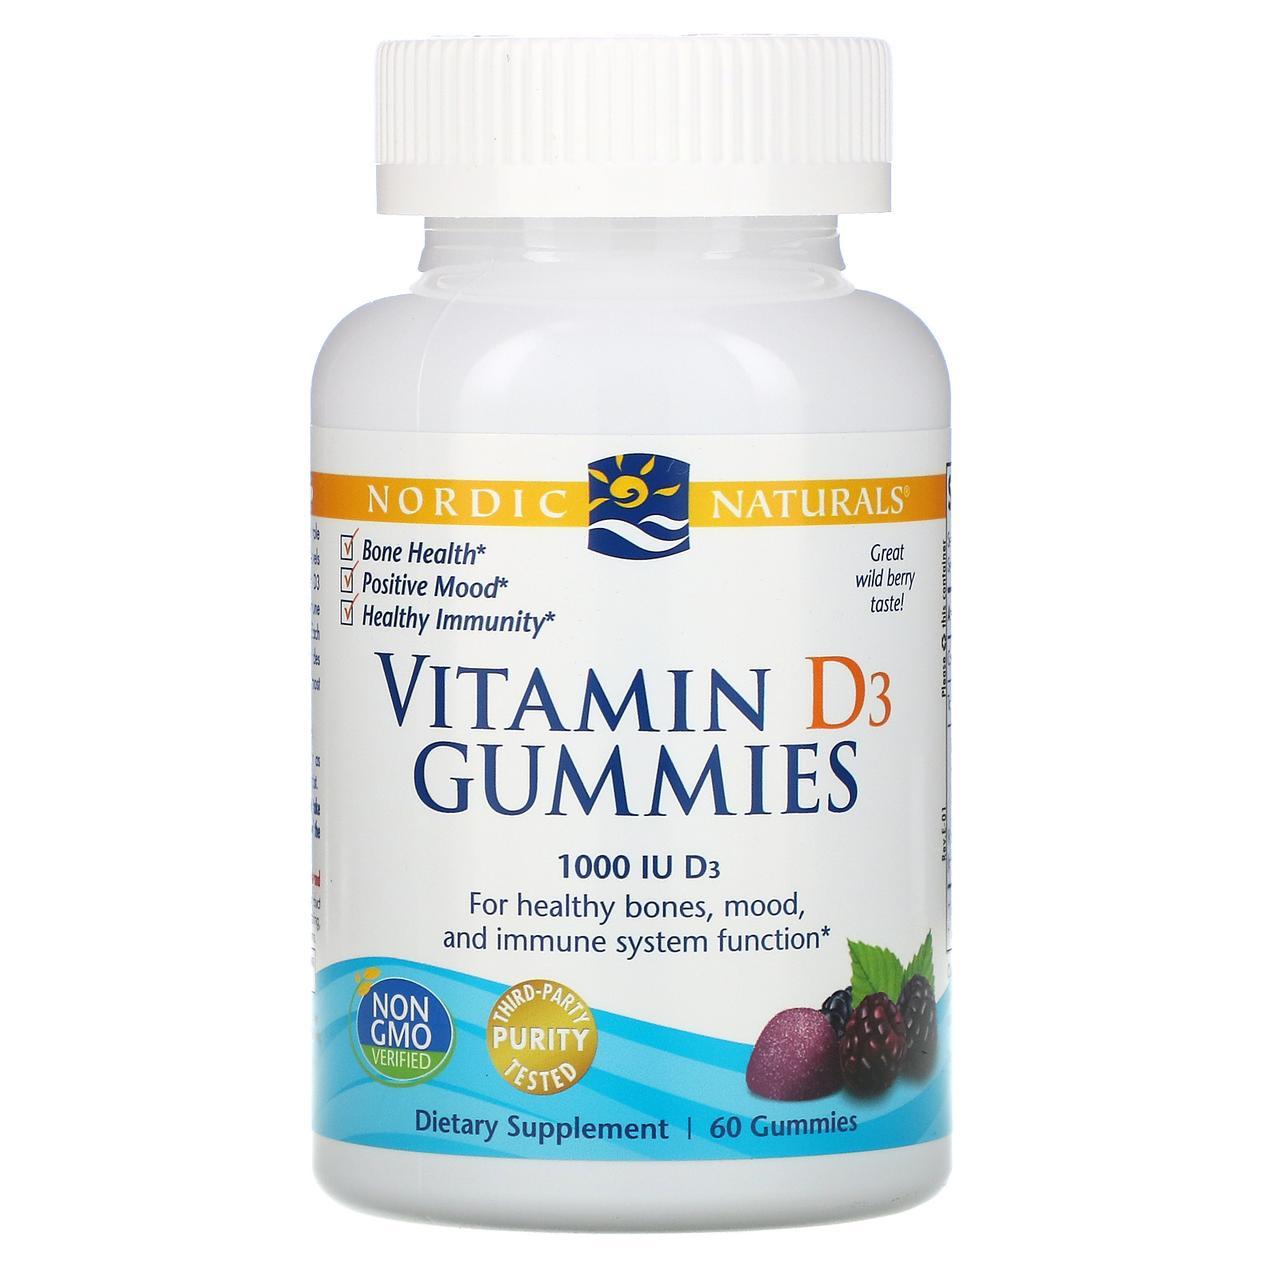 Жевательные таблетки с витамином D3, со вкусом лесных ягод, 1000 МЕ, 60 шт., Nordic Naturals